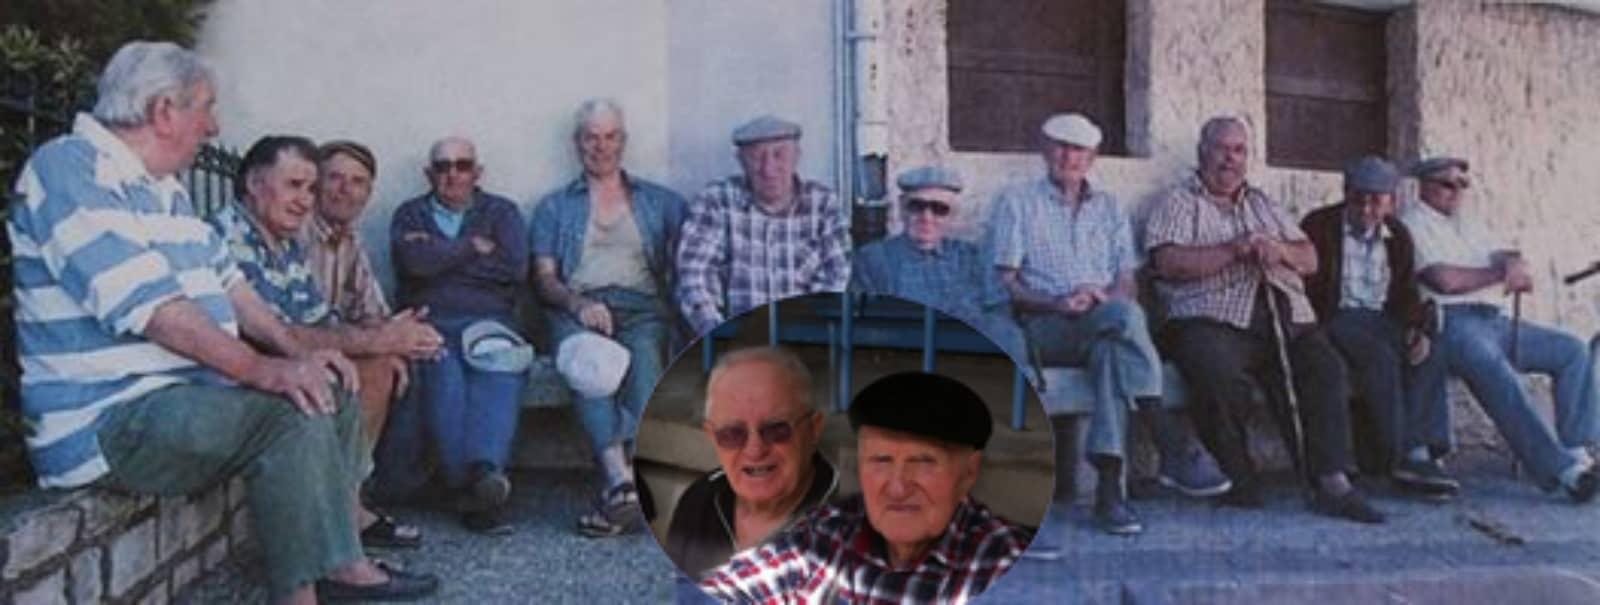 Rassemblement de personnes âgées